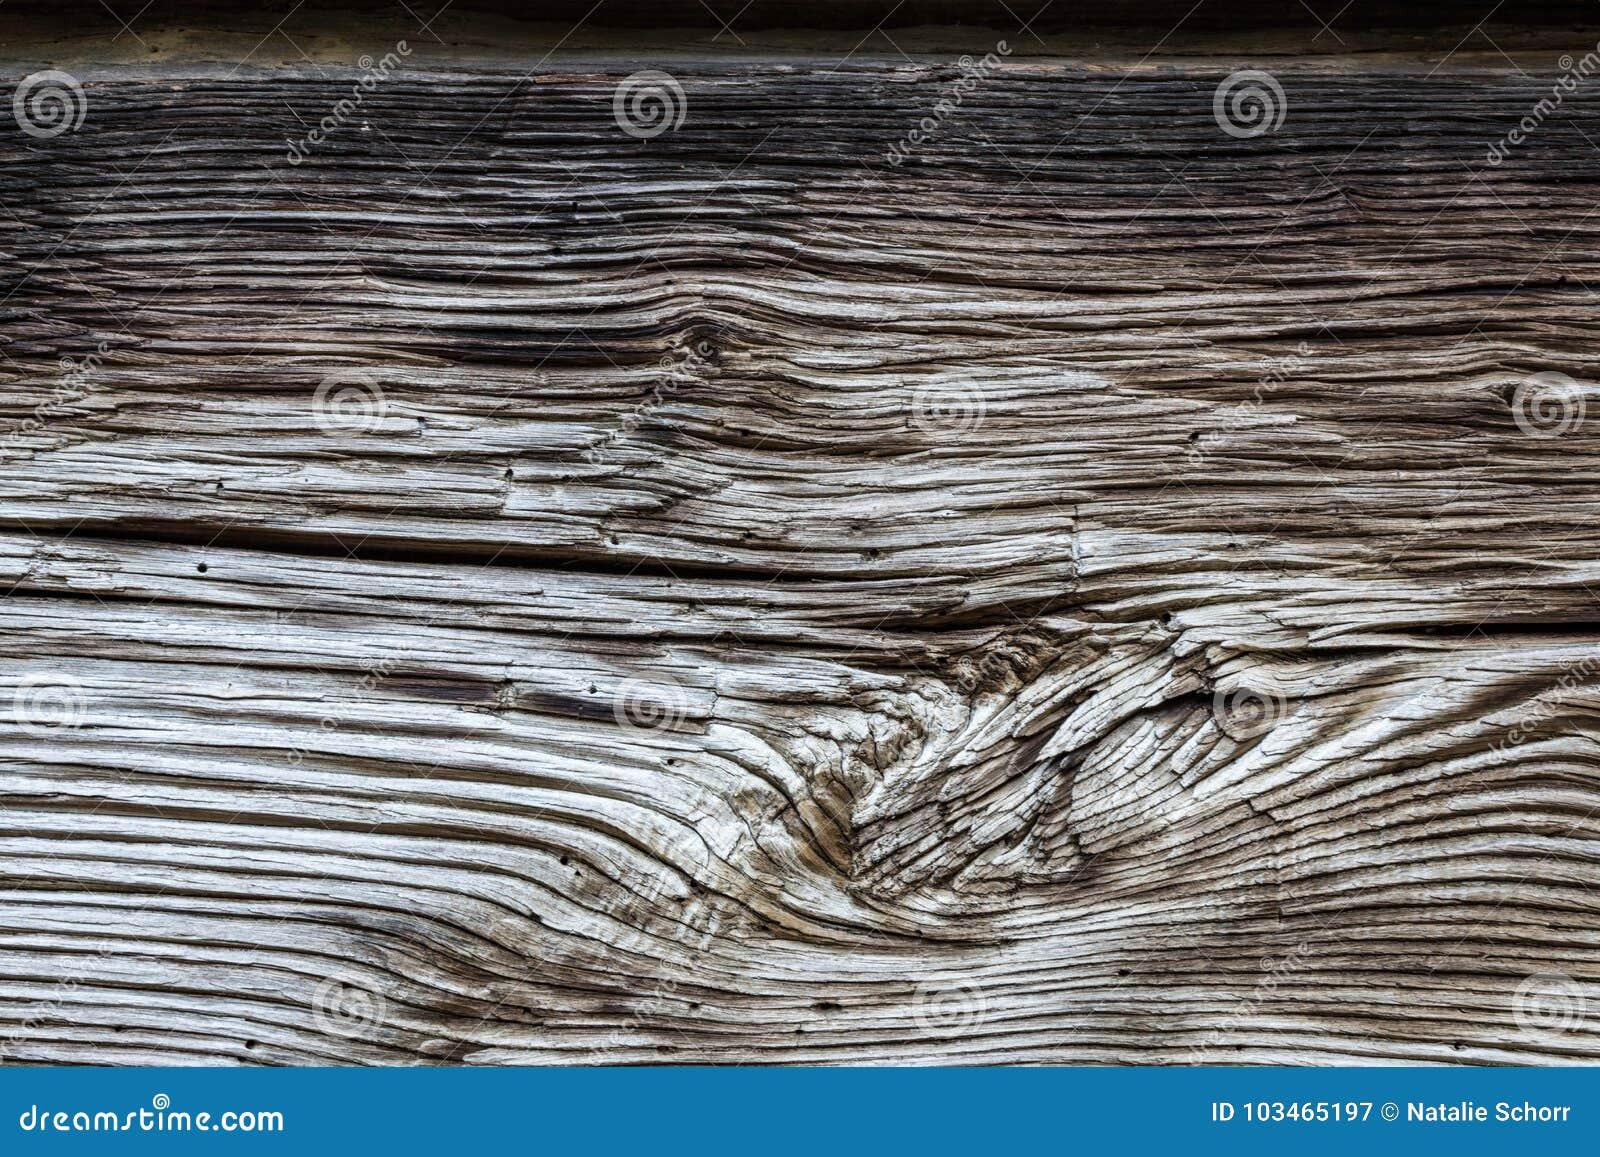 Fondo molto vecchio del fascio di legno con il fascio spaccato ondulato del grano a disposizione